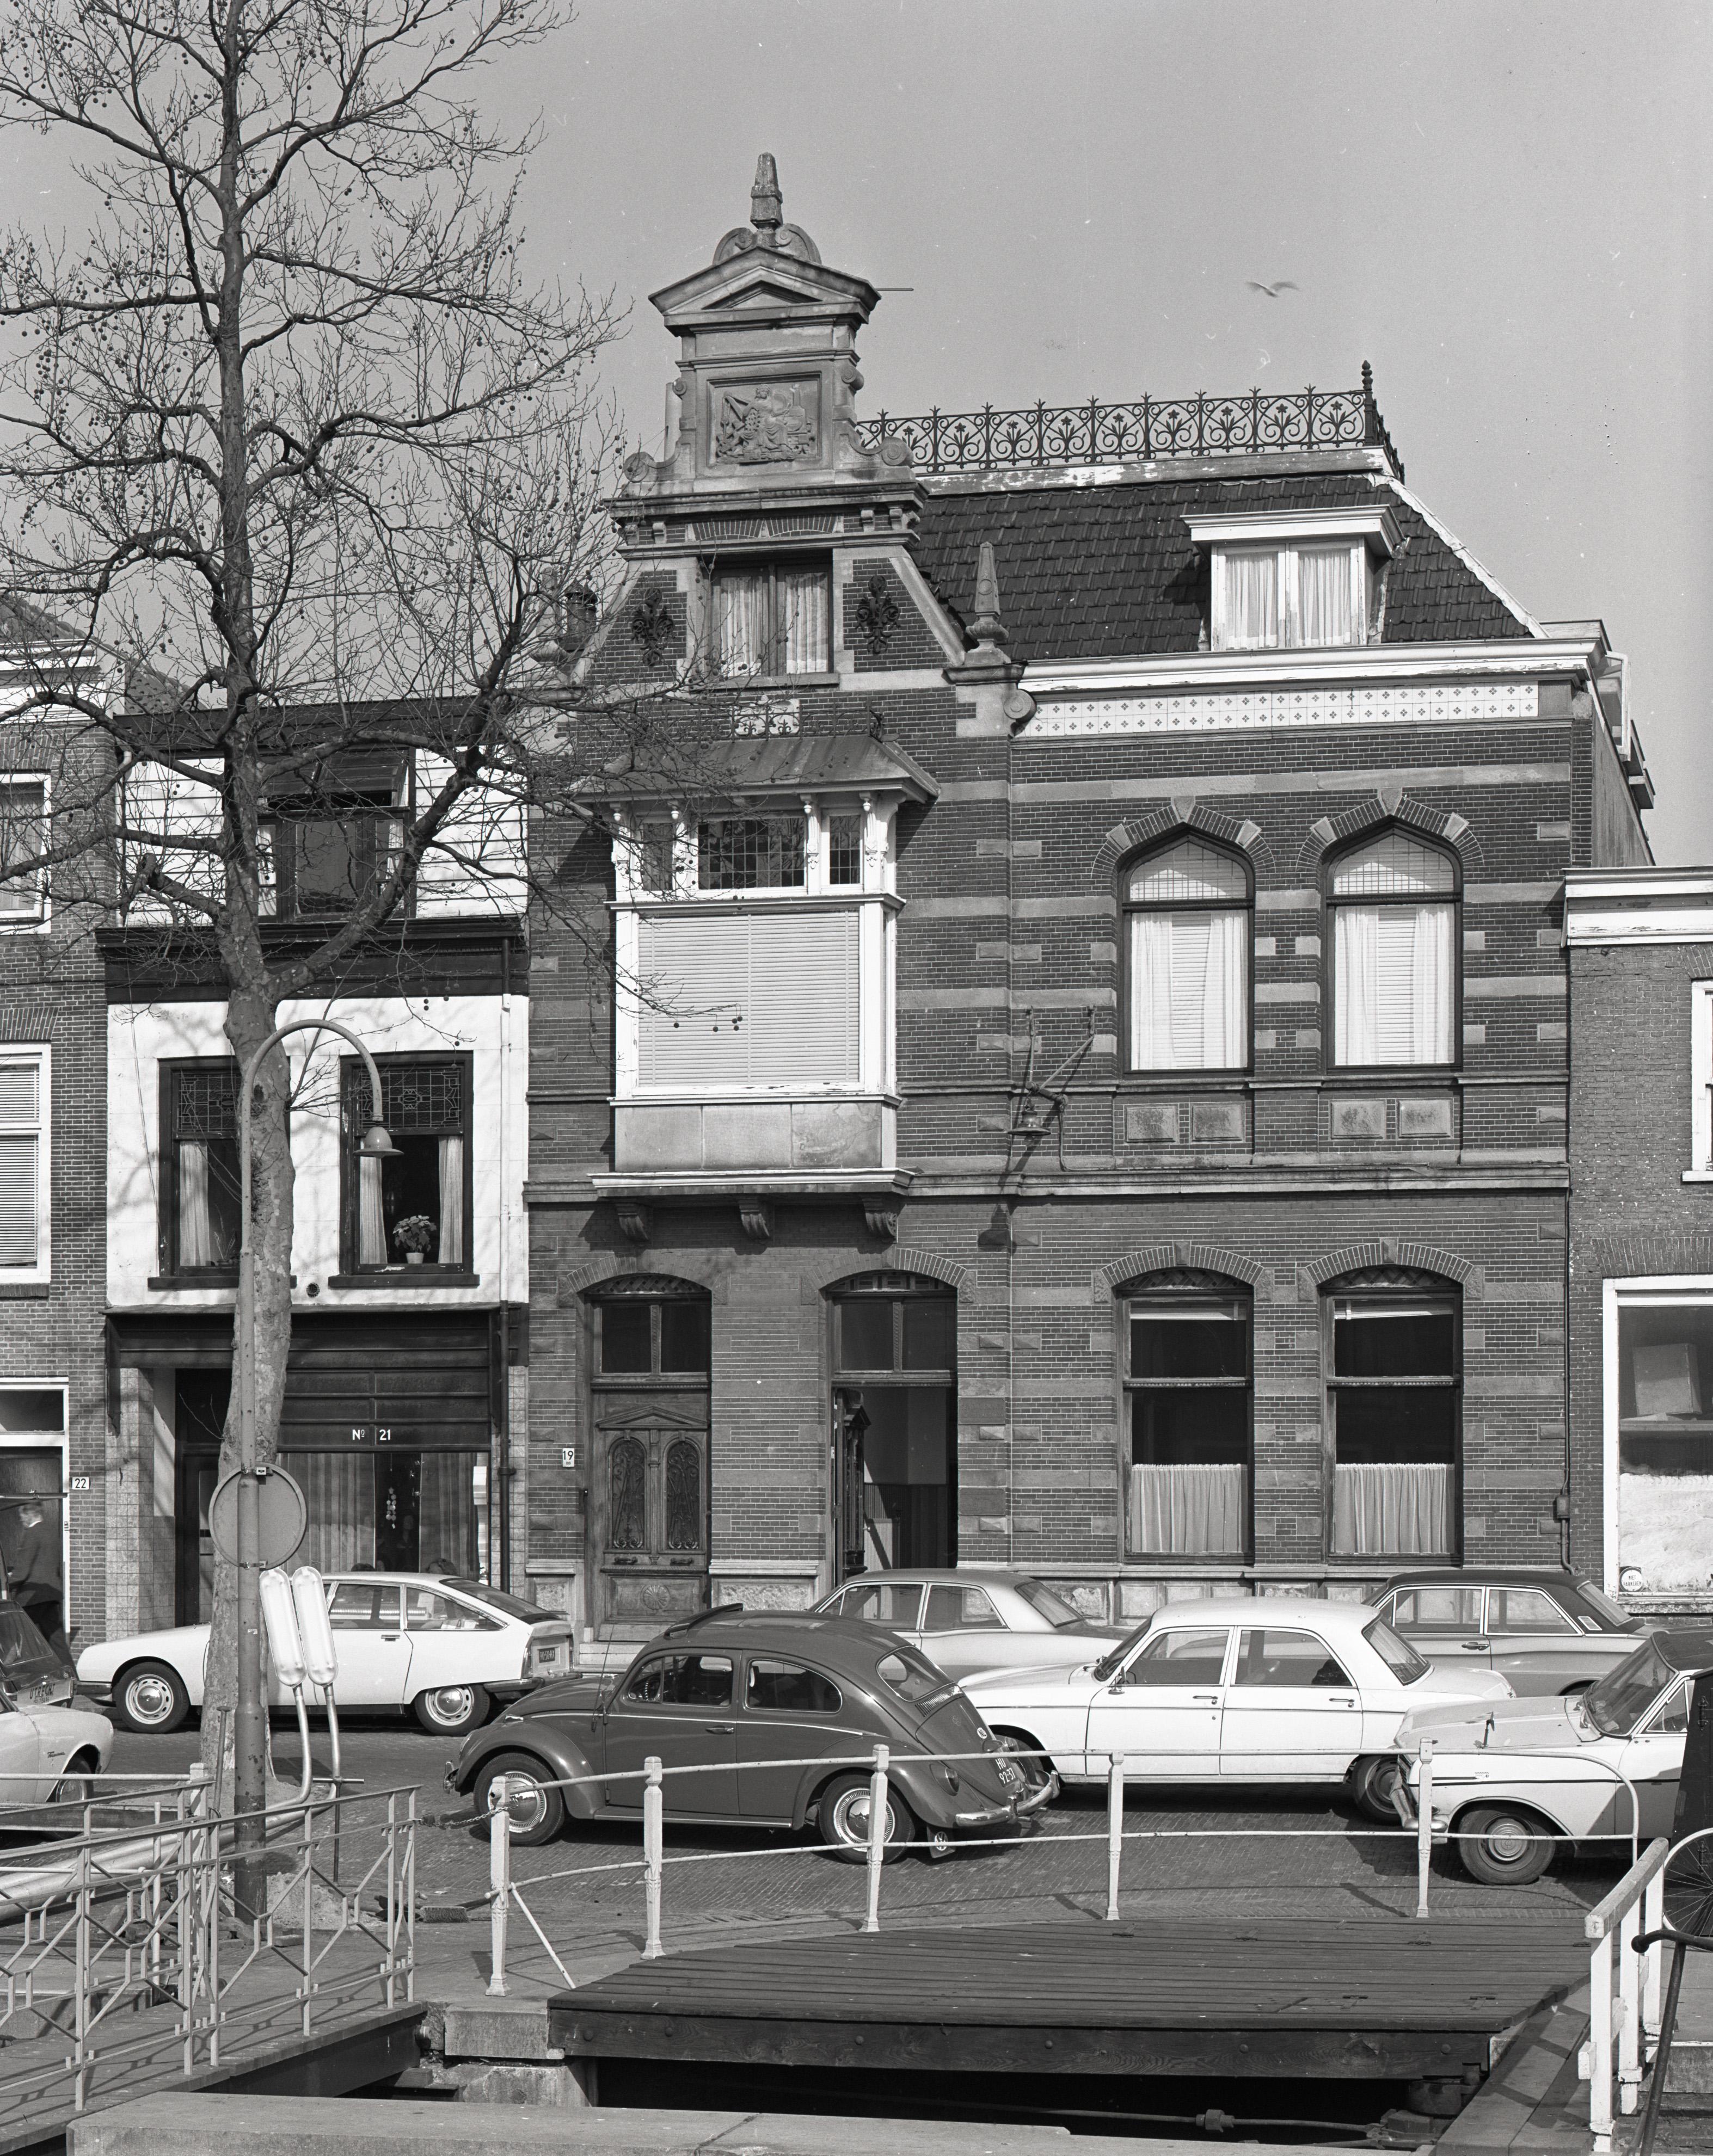 Fotodienst Het Utrechts Archief, 1973